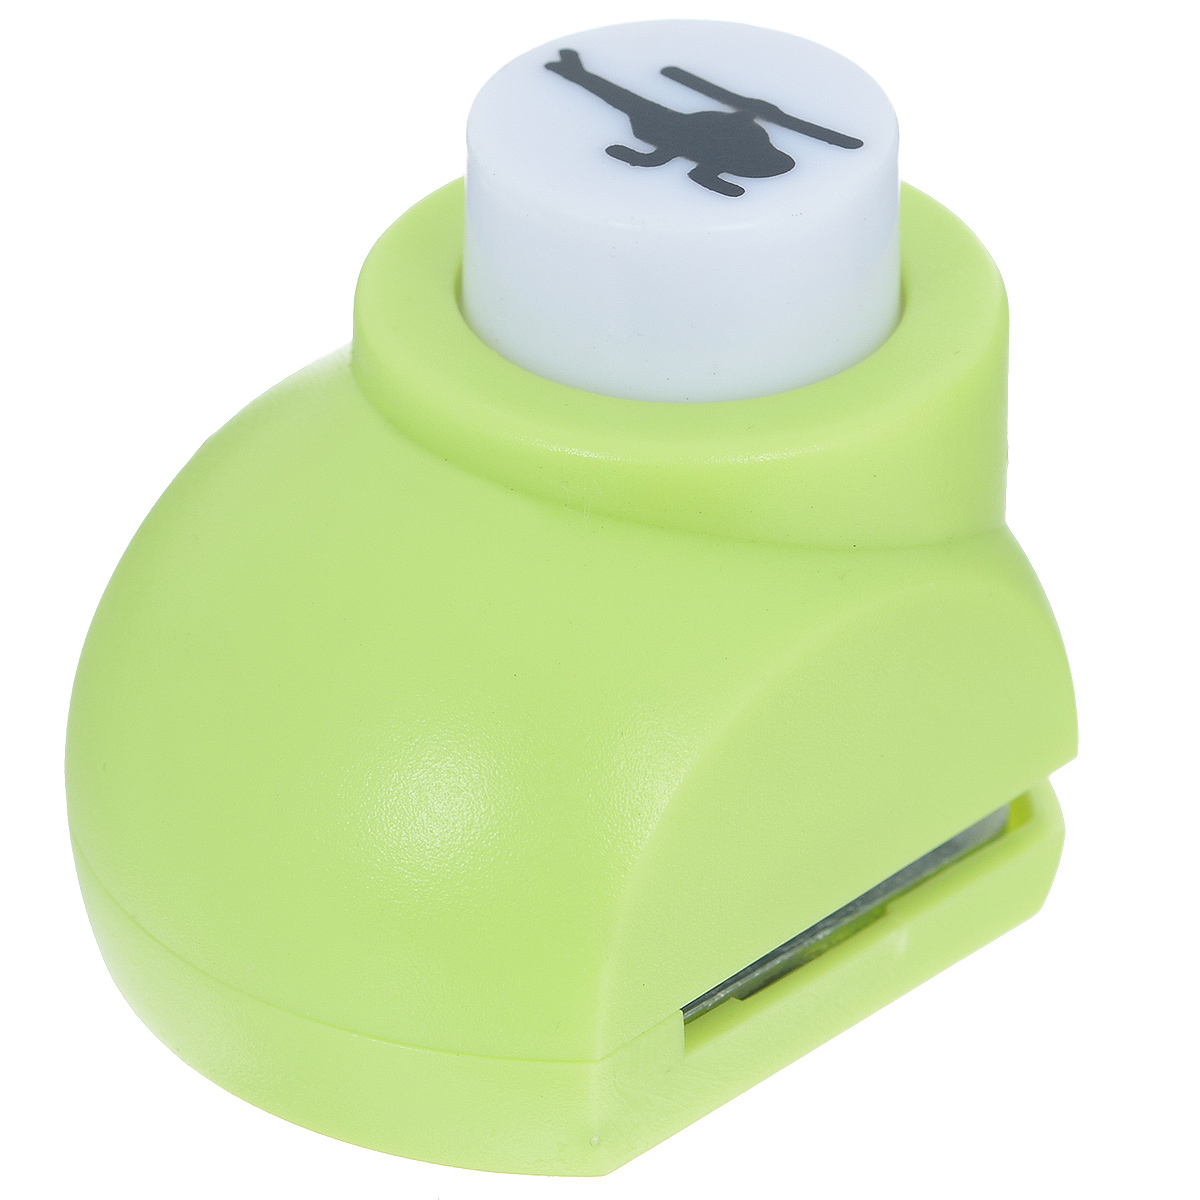 Дырокол фигурный Астра Вертолет. JF-8227709604_214Дырокол Астра Вертолет поможет вам легко, просто и аккуратно вырезать много одинаковых мелких фигурок. Режущие части компостера закрыты пластмассовым корпусом, что обеспечивает безопасность для детей. Можно использовать вырезанные мотивы как конфетти или для наклеивания.Дырокол подходит для разных техник: декупажа, скрапбукинга, декорирования.Размер дырокола: 4 см х 3 см х 4 см. Размер готовой фигурки: 1,3 см х 0,7 см.